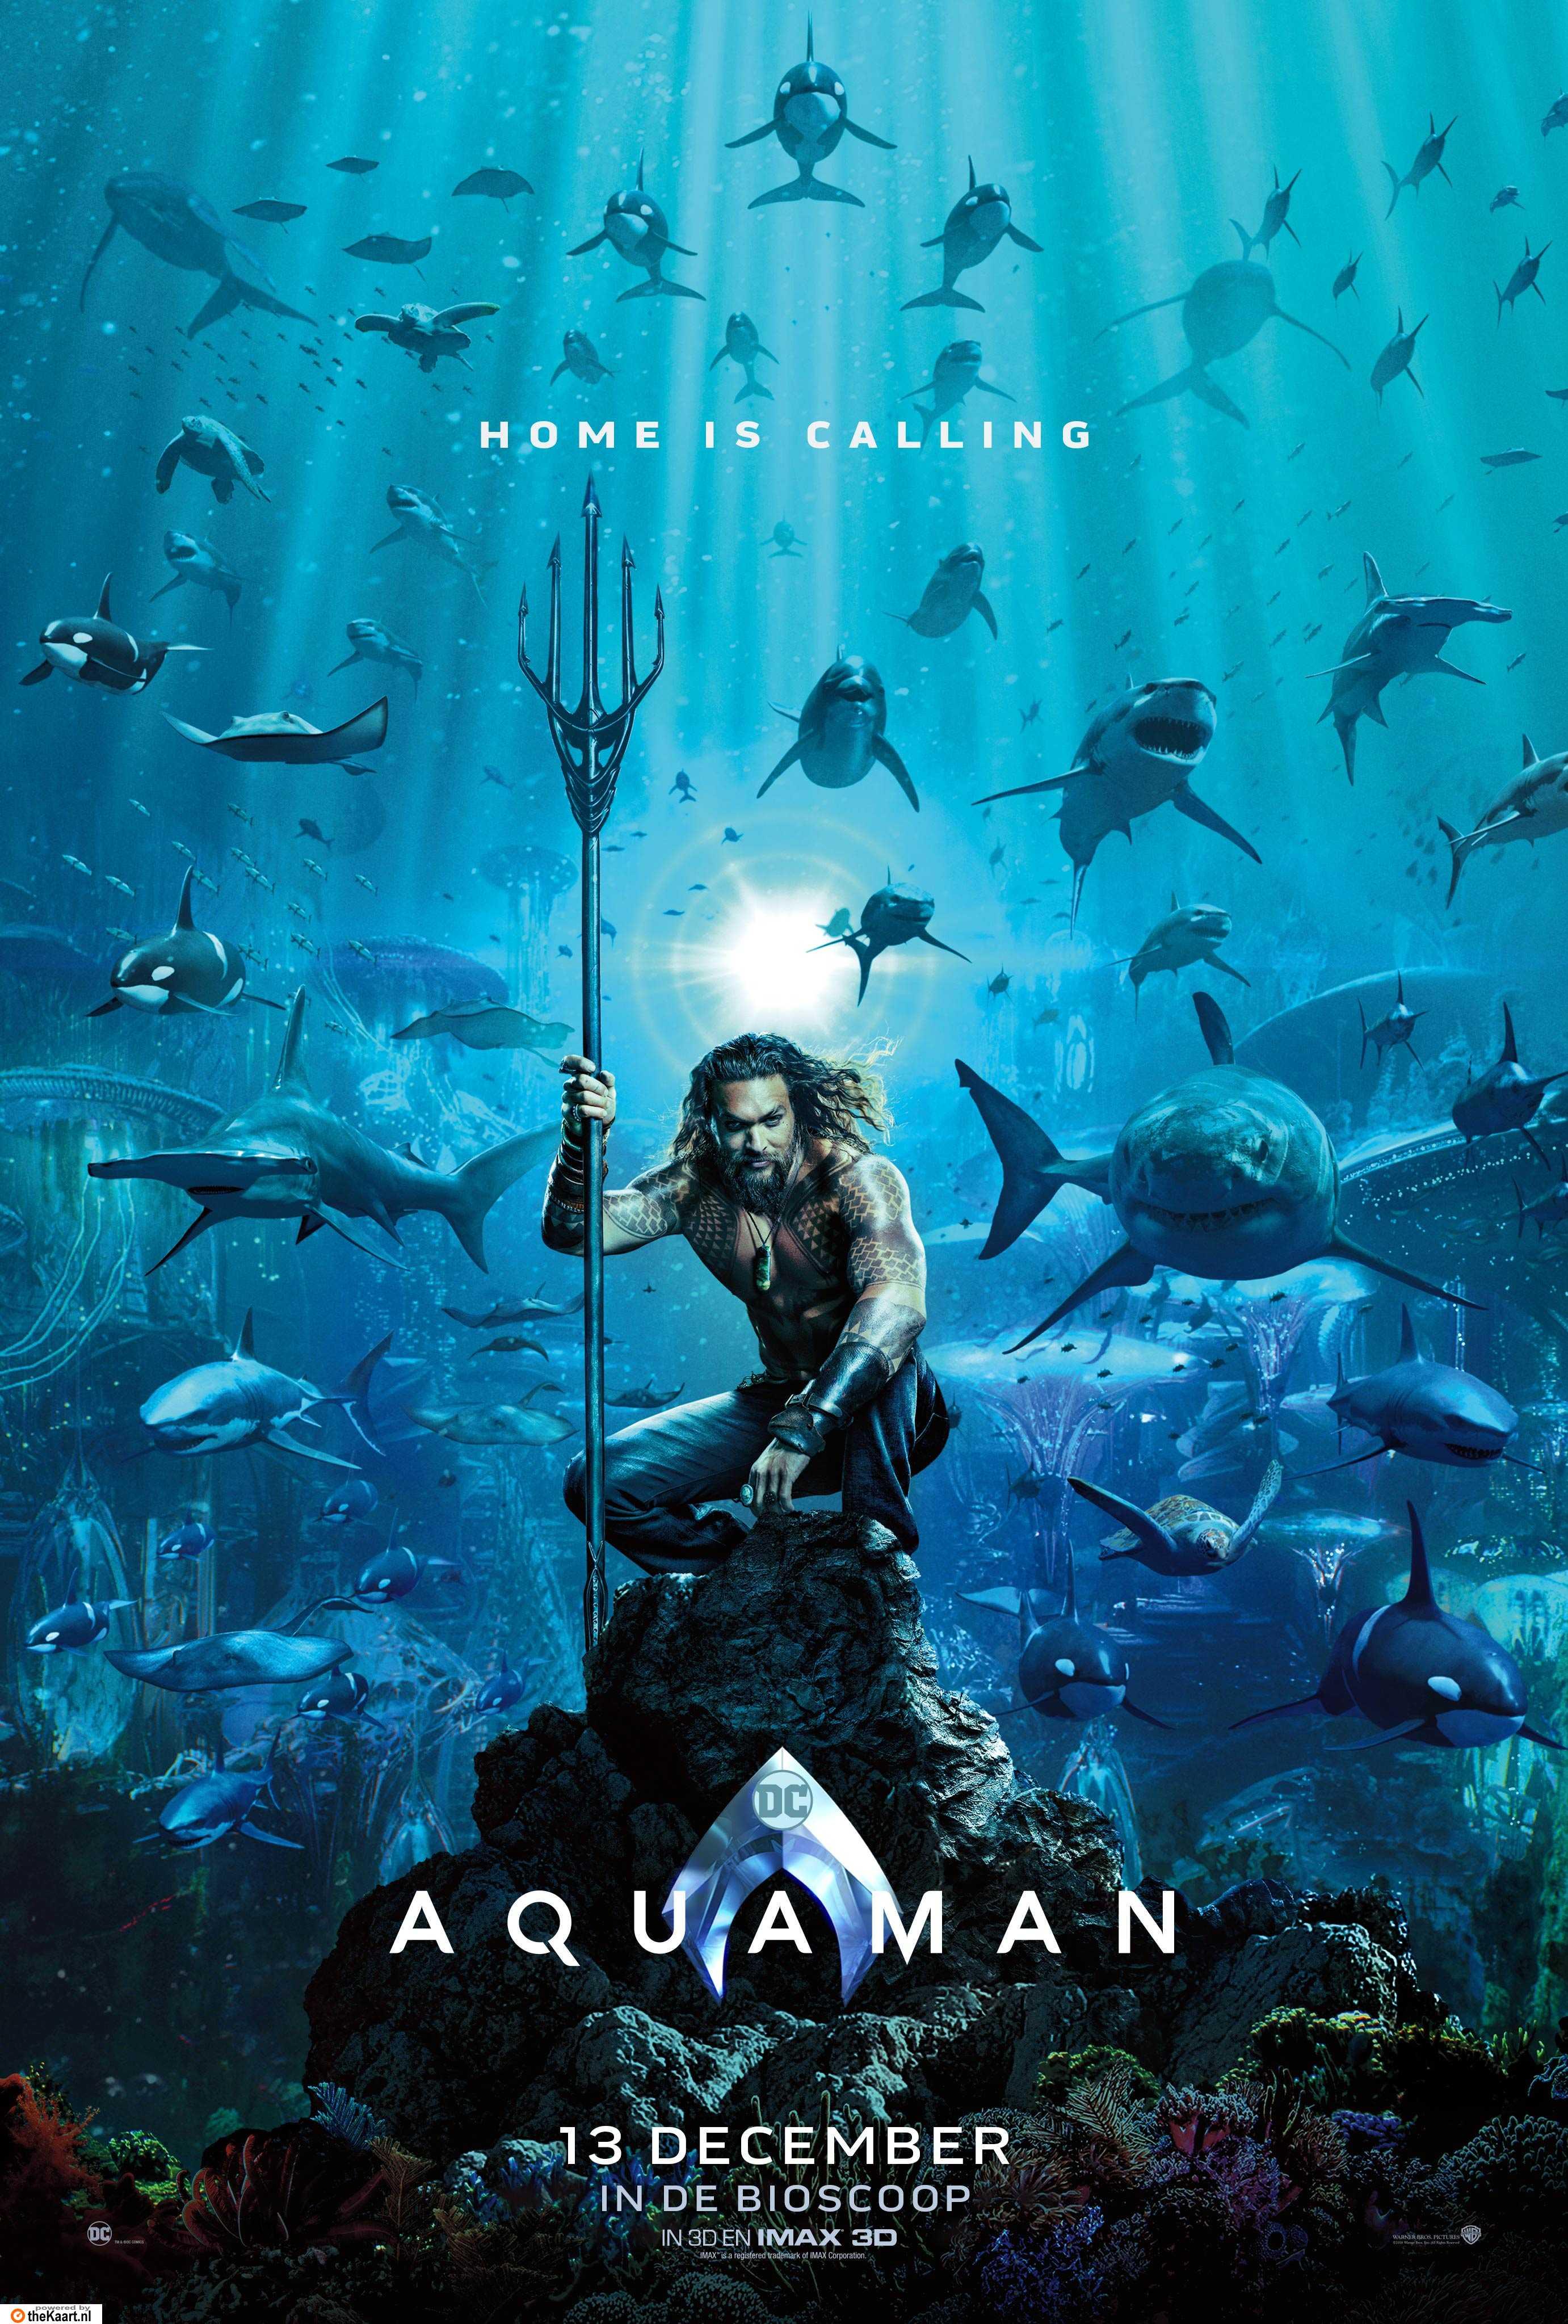 Aquaman poster, © 2018 Warner Bros.